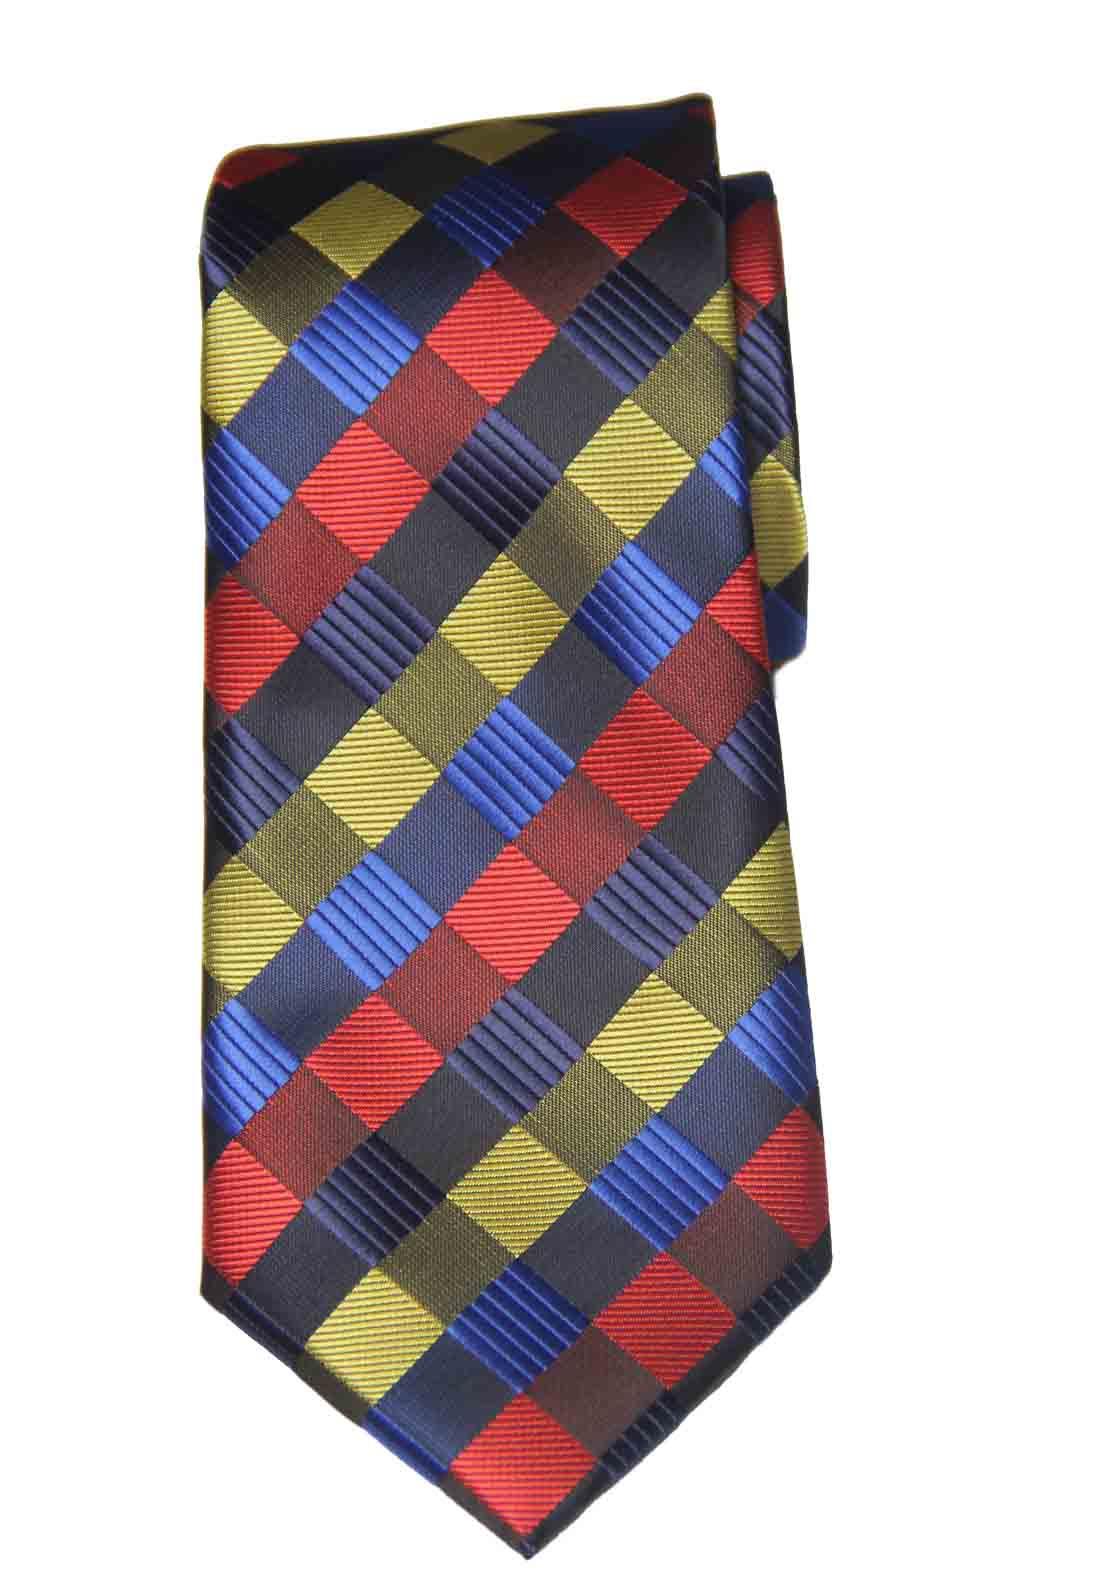 Gascoigne Tie Colorful Lattice Check Pattern Silk Hand Made Men's